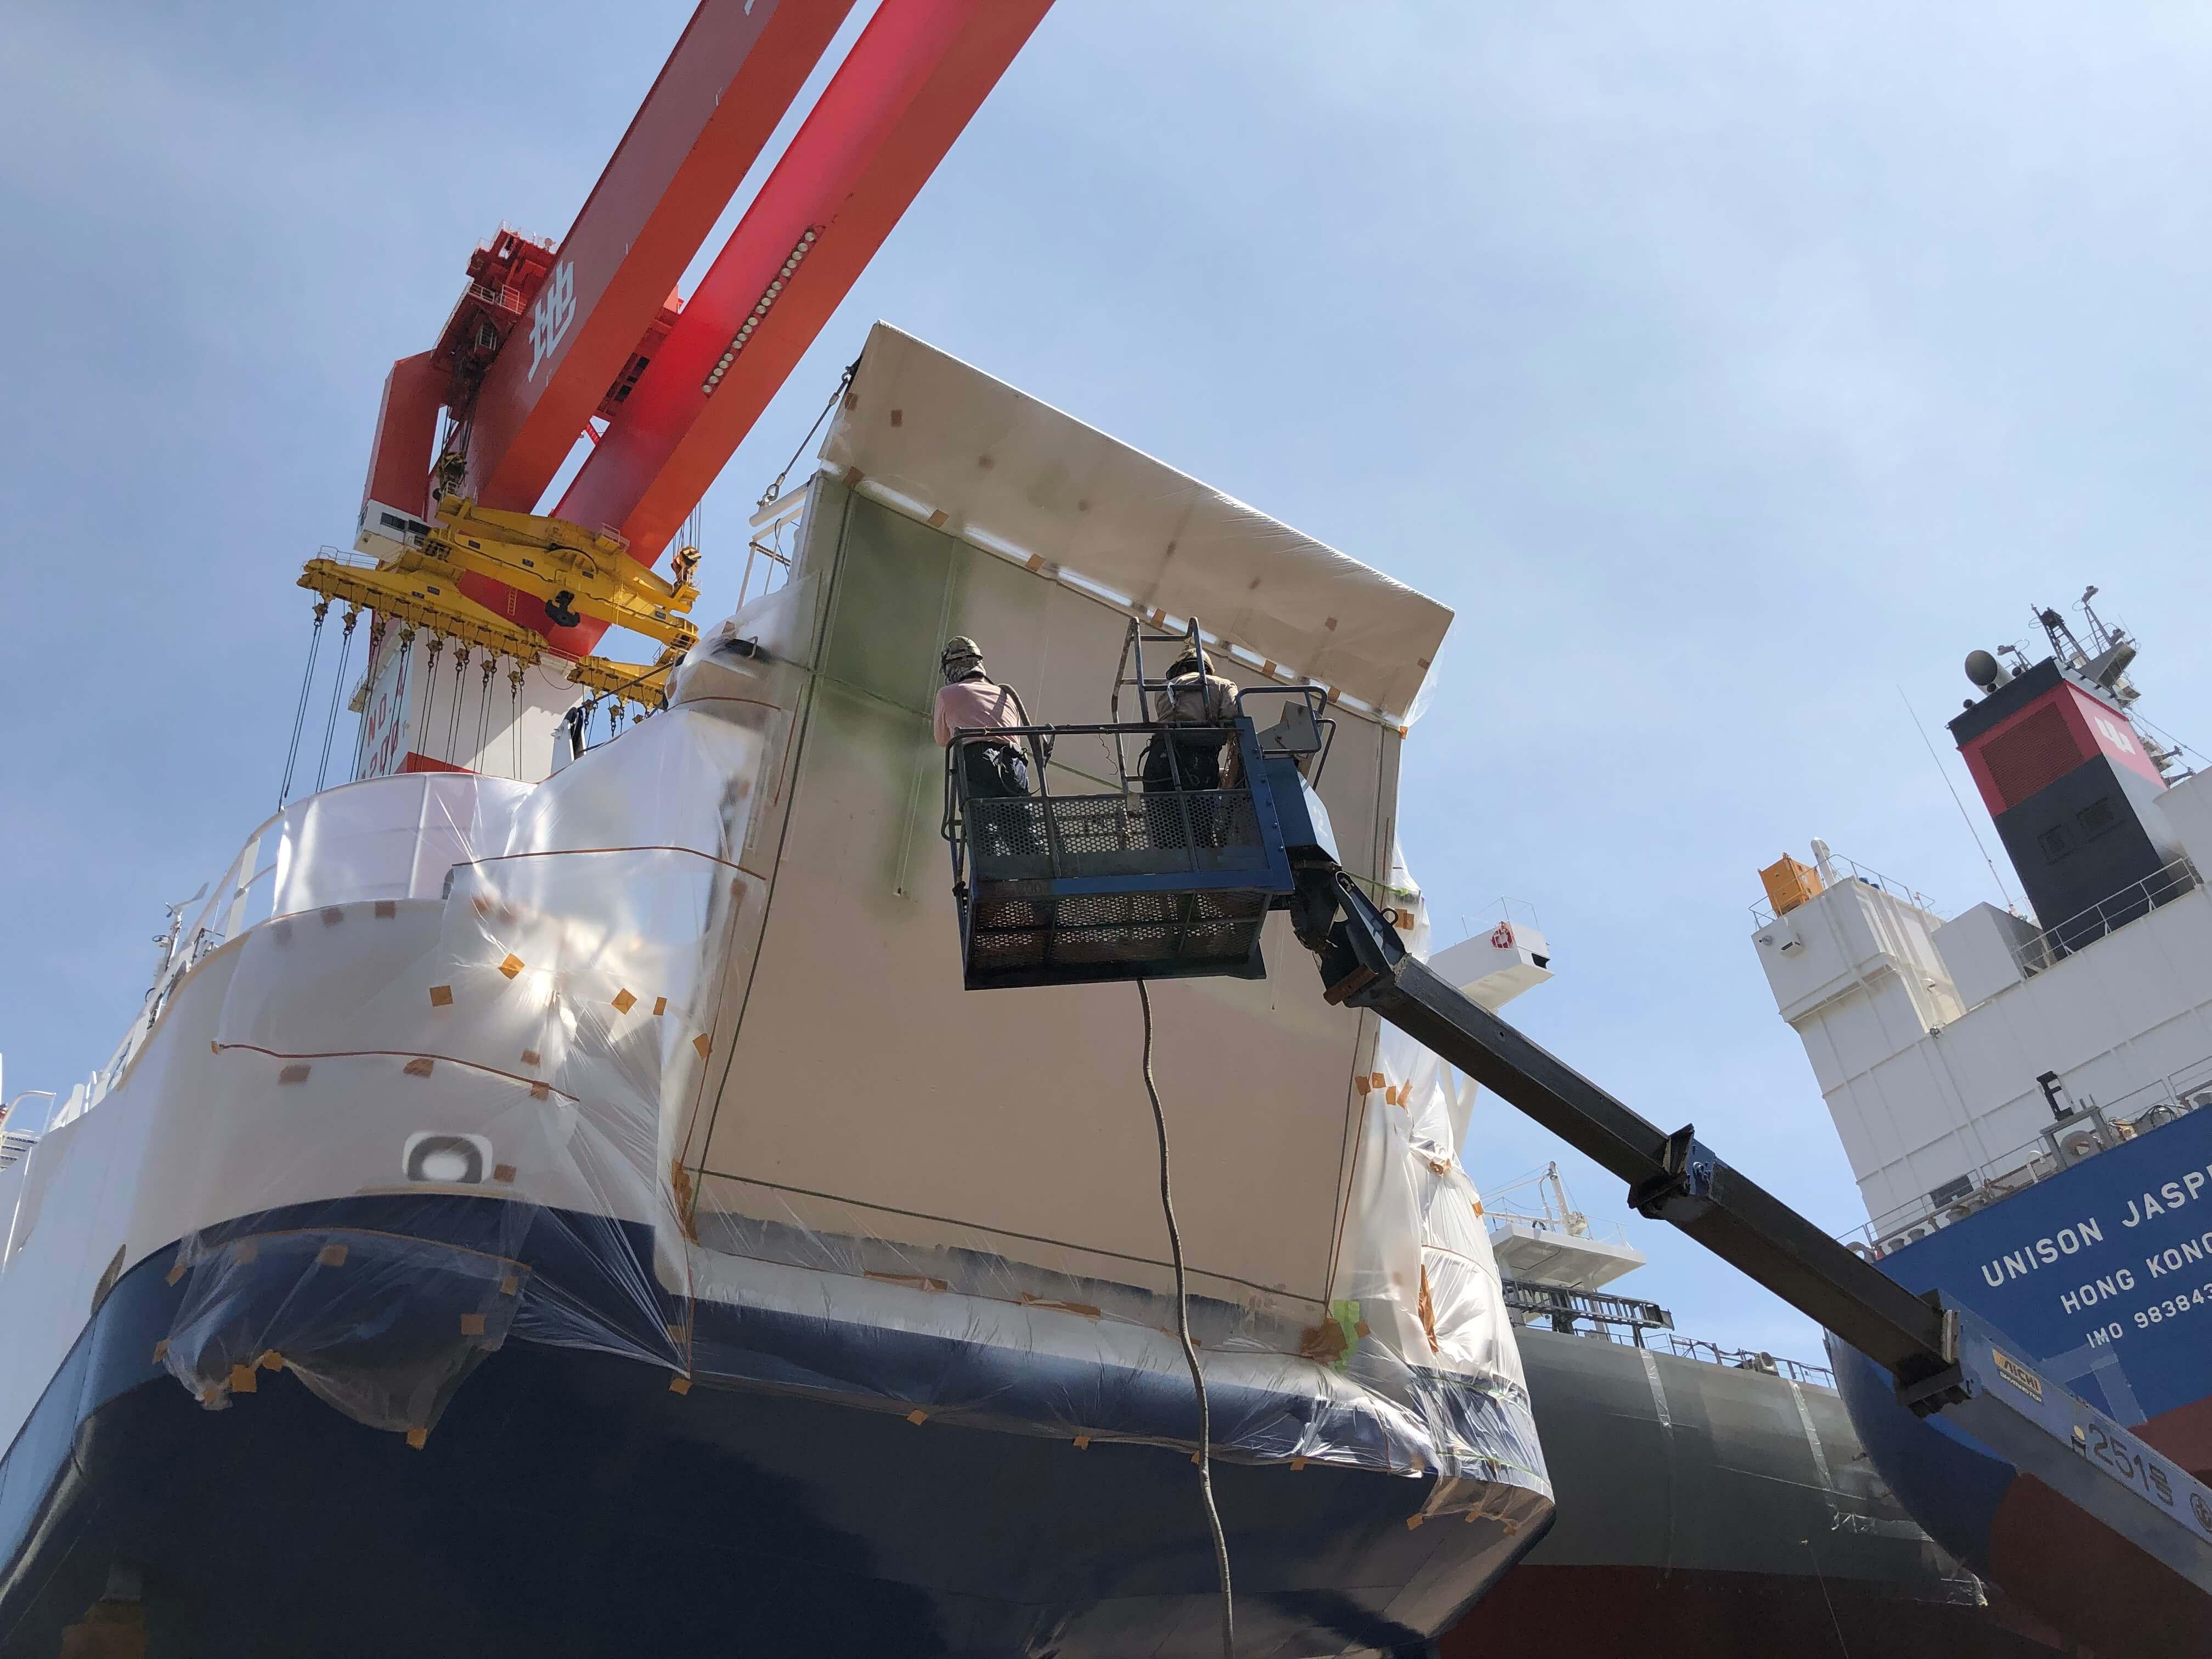 ポリウレア施工実績 造船工場 大型船ランプウェイ下部ライニング(耐衝撃・耐摩耗)NUKOTEポリウレアST